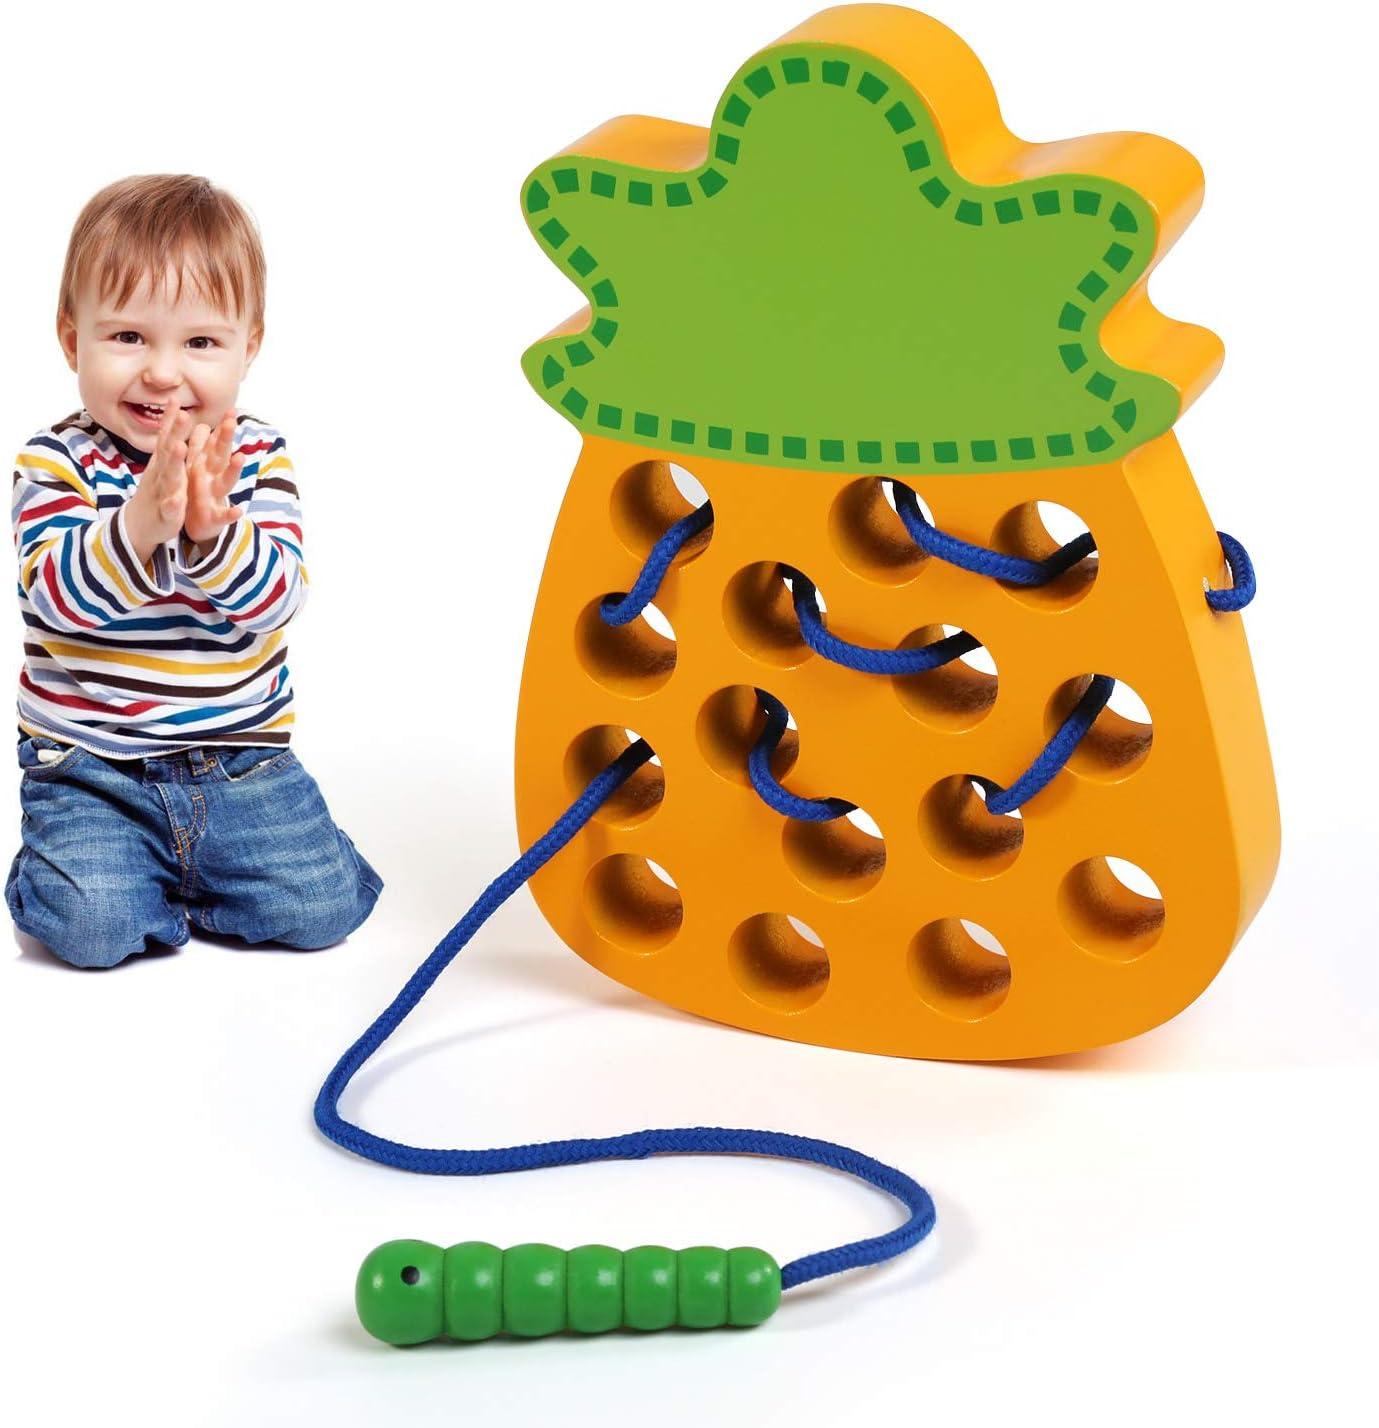 LEADSTAR Montessori Activity Wooden Toy, Cordón Madera Juguetes Educativos, Aprendizaje Temprano Bloque Rompecabezas de Bebe, Juegos de Roscar Regalo para Niños Niñas, Relajantes Toys de Viaje (Piña)